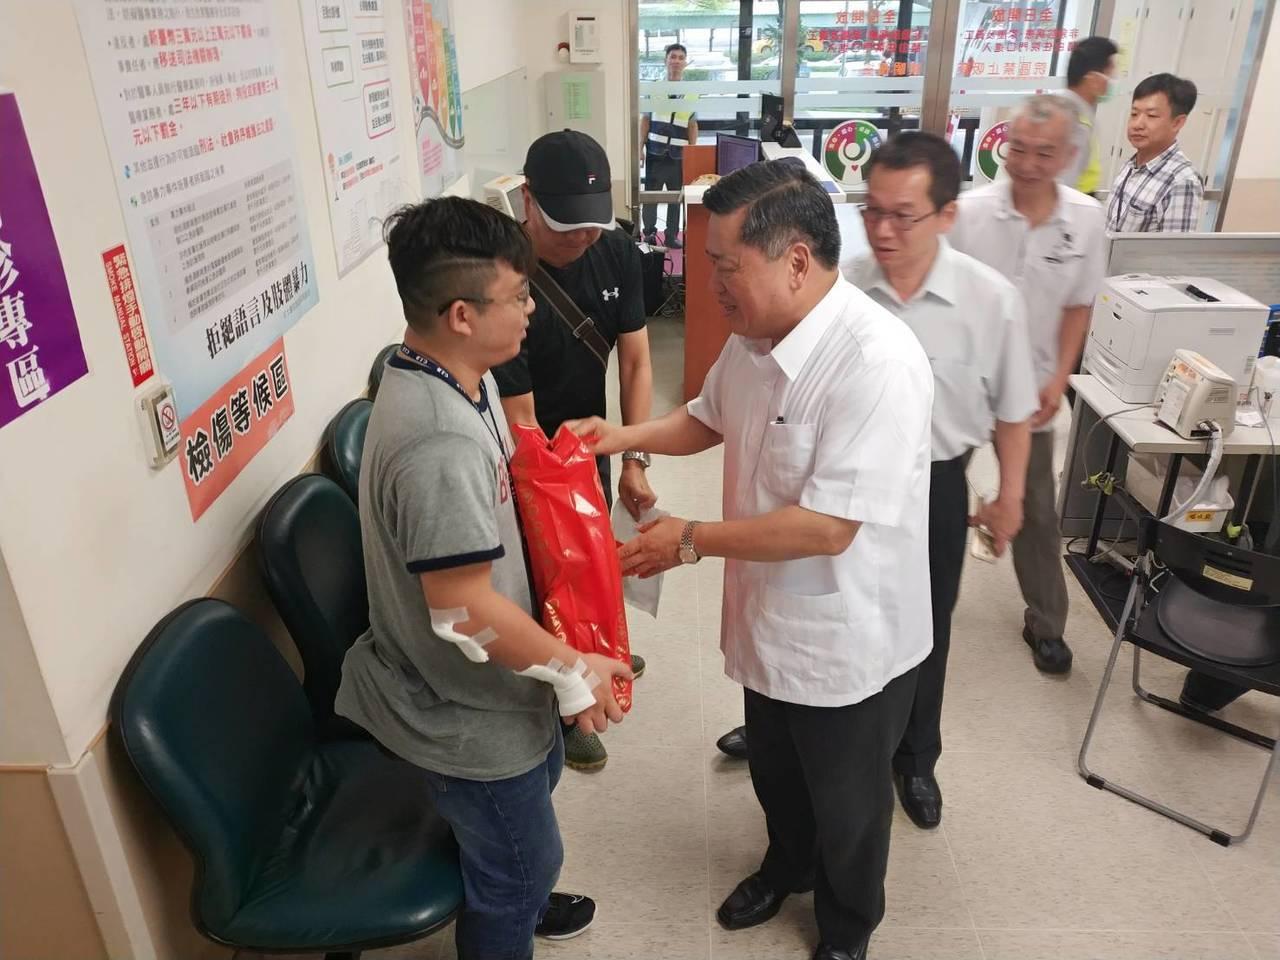 高雄市警局長何明洲(左三)慰問受傷的員警。記者林保光/翻攝